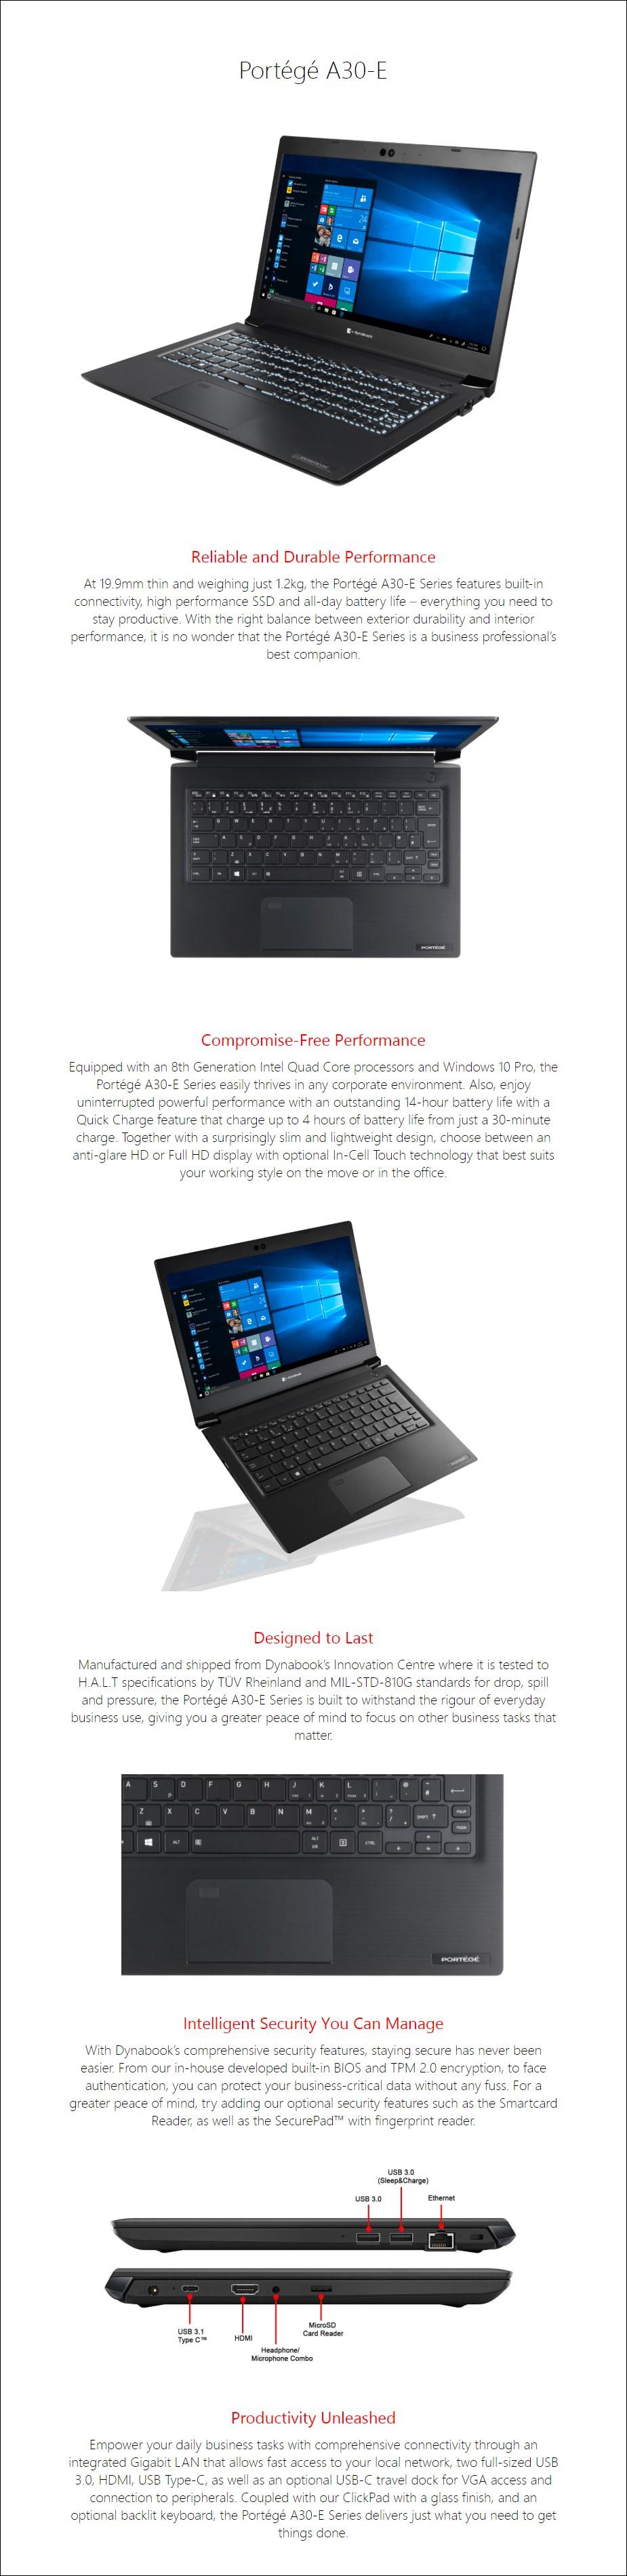 toshiba-dynabook-portege-a30e-133-laptop-i58250u-8gb-256gab-w10p-ac26990-5-1-.jpg